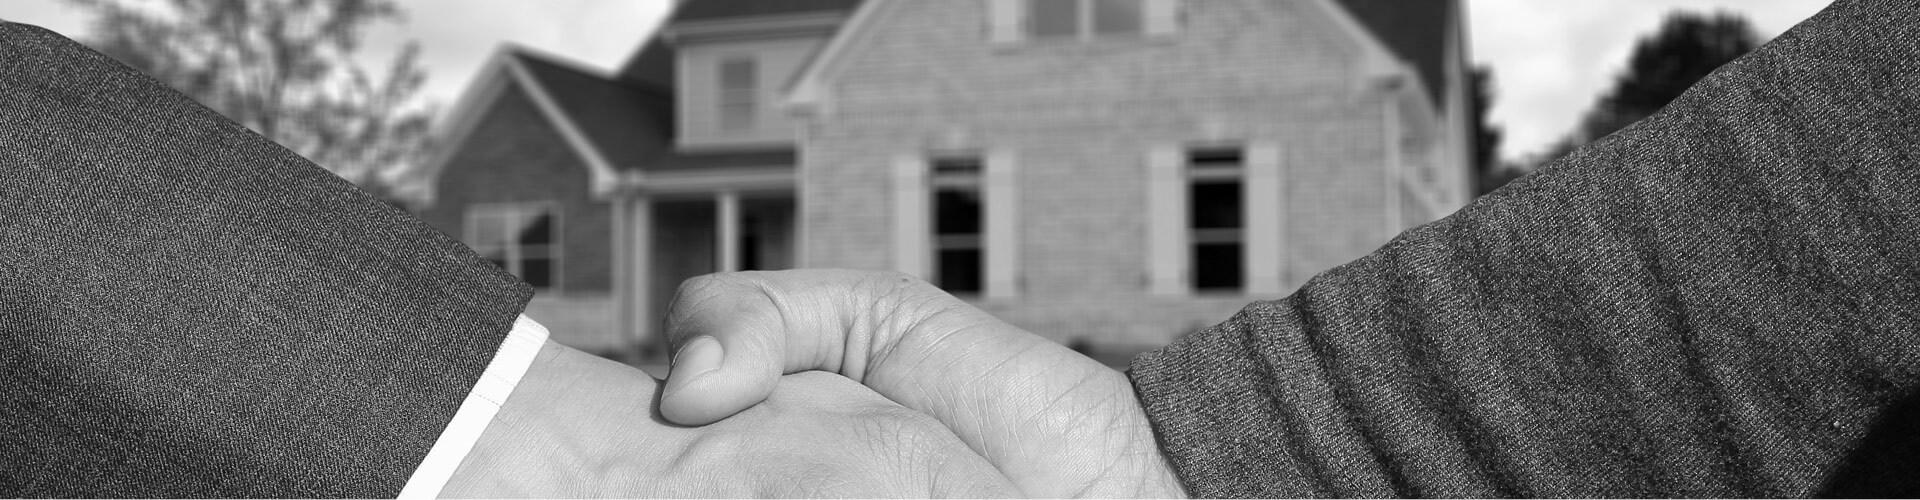 Derfor skal du vælge en advokat i forbindelse med bolighandel